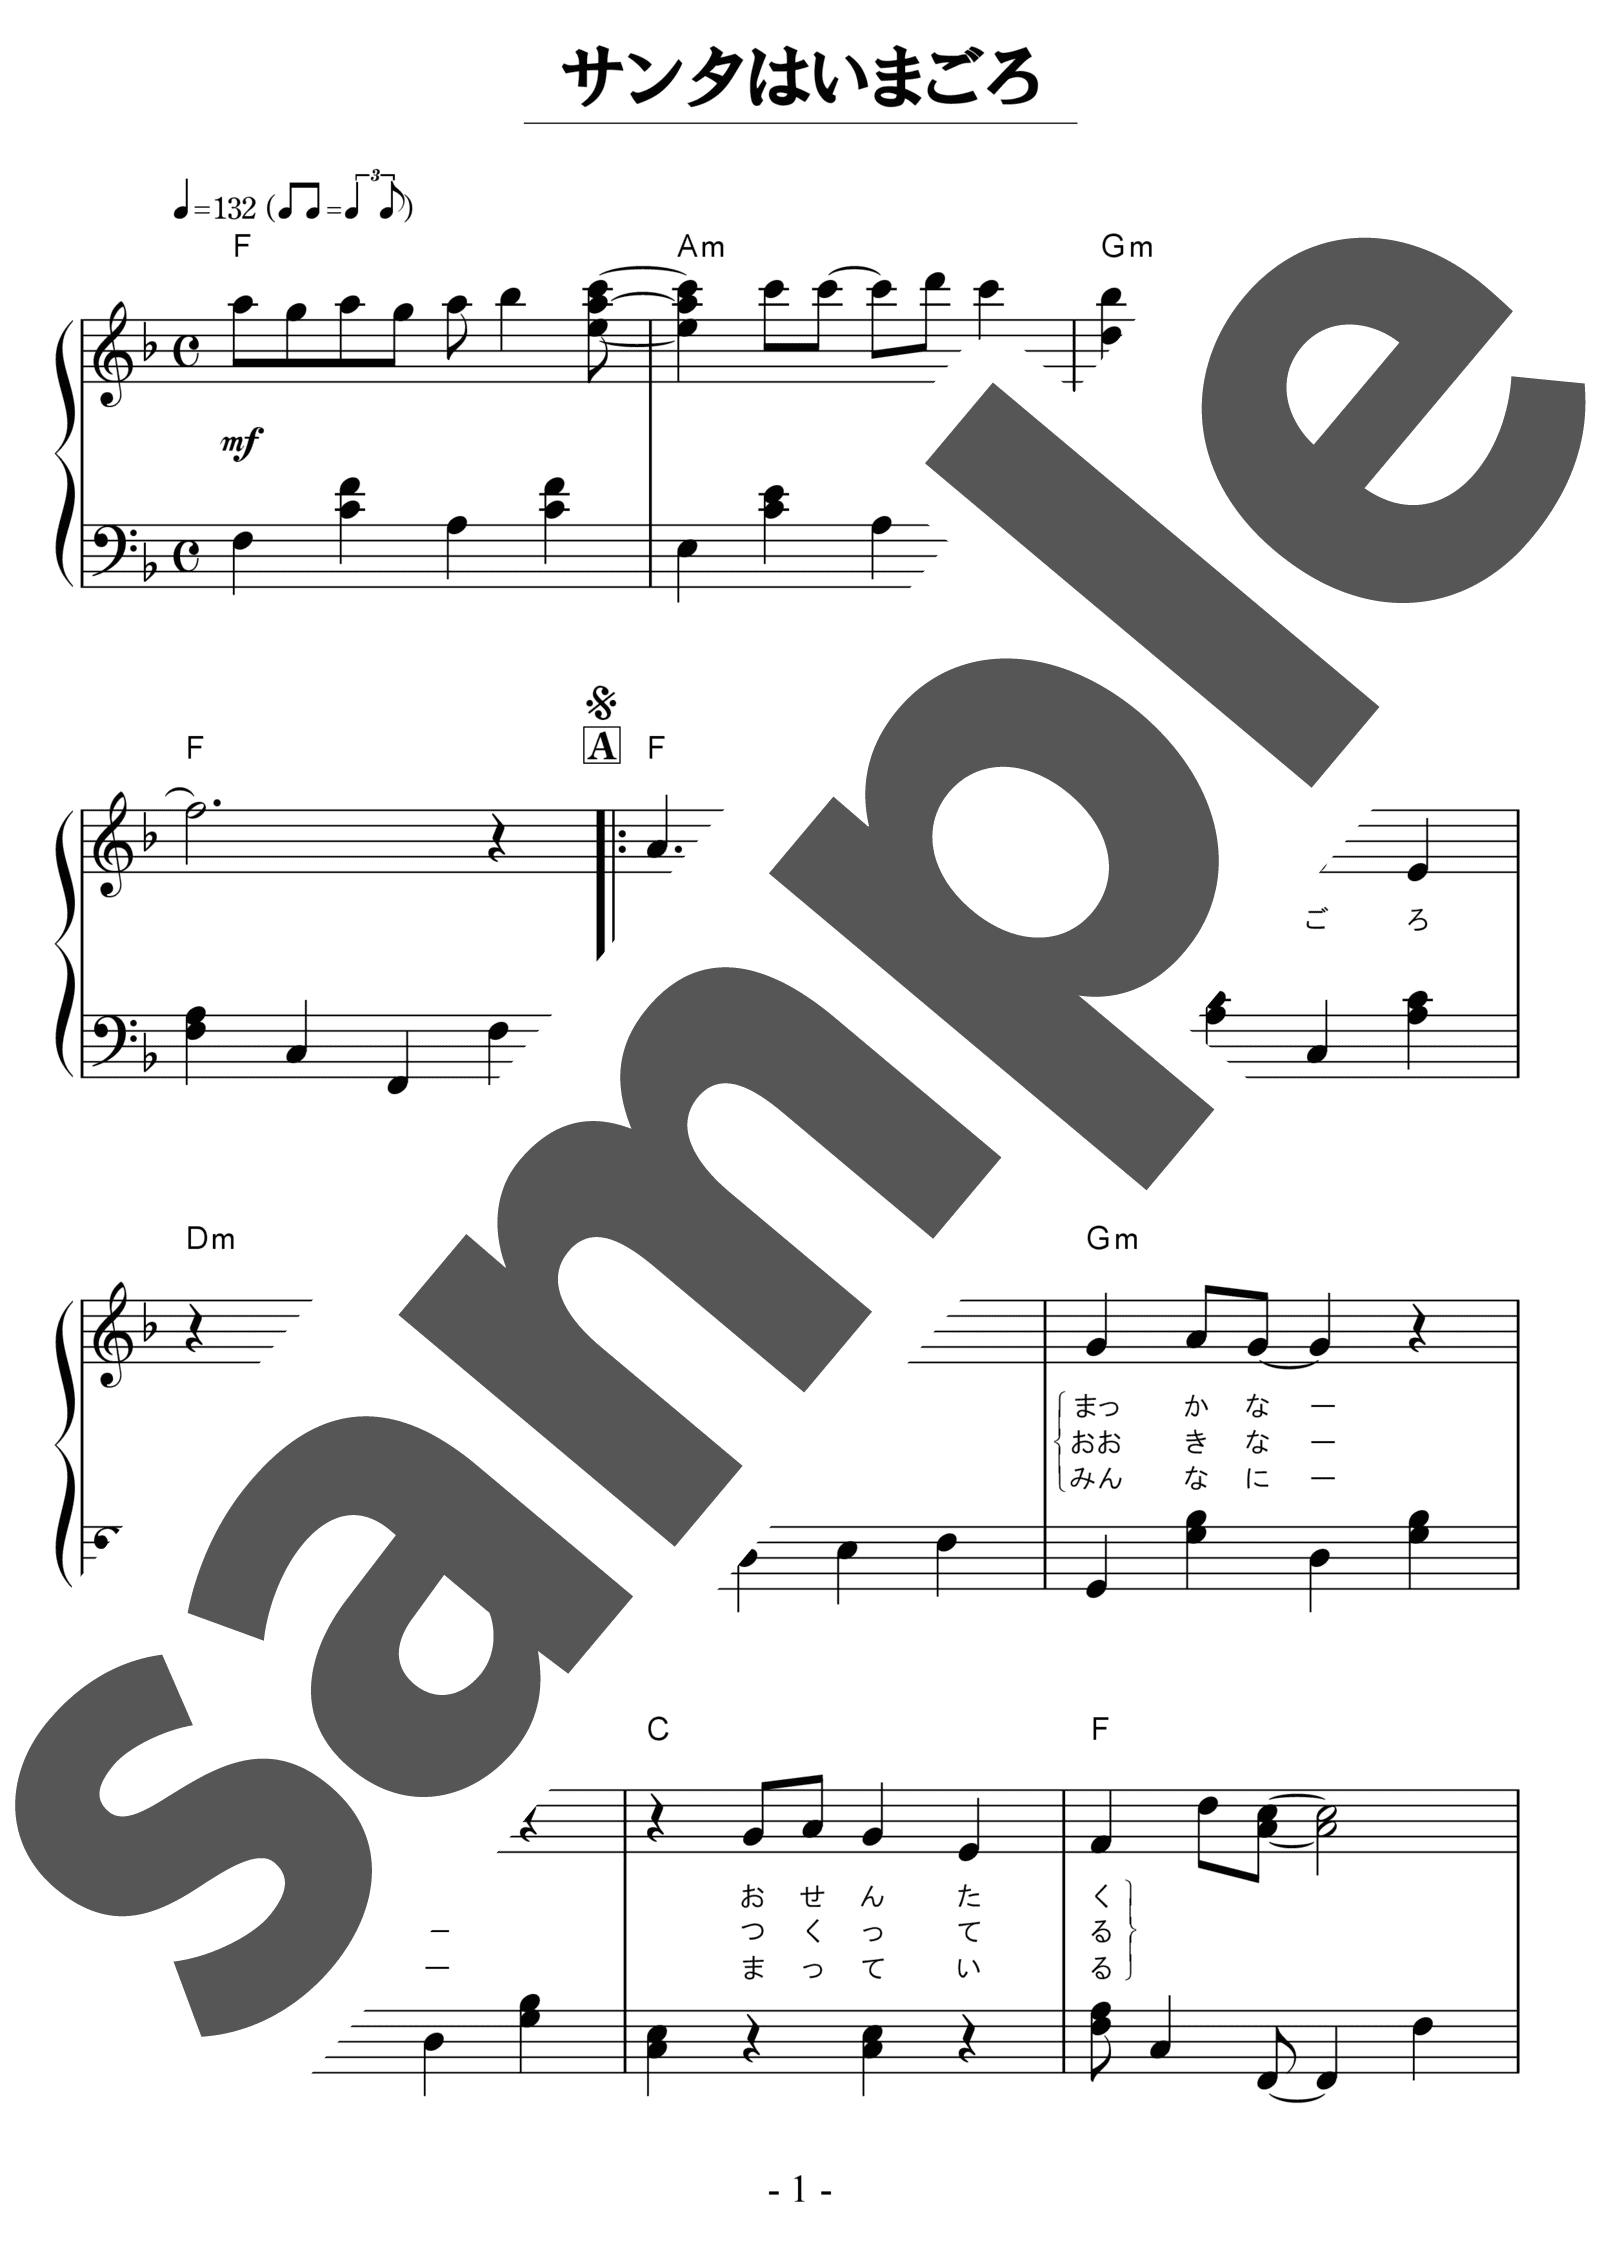 「サンタはいまごろ」のサンプル楽譜